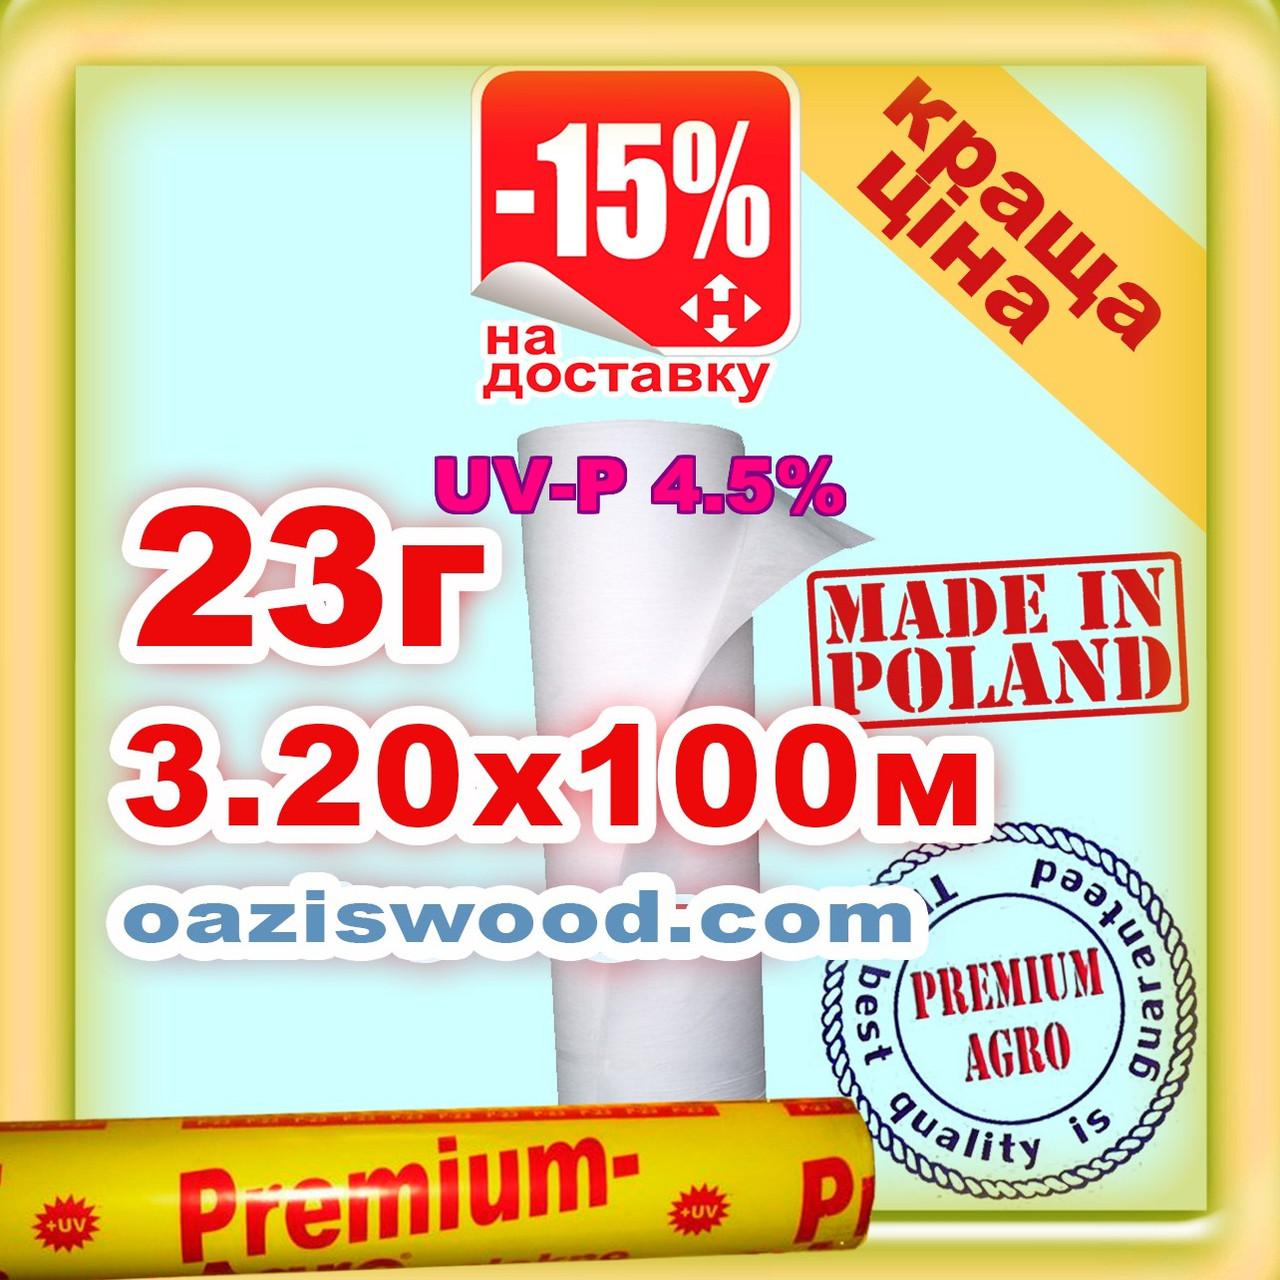 Агроволокно р-23g 3.2*100м белое UV-P 4.5% Premium-Agro Польша, фото 1